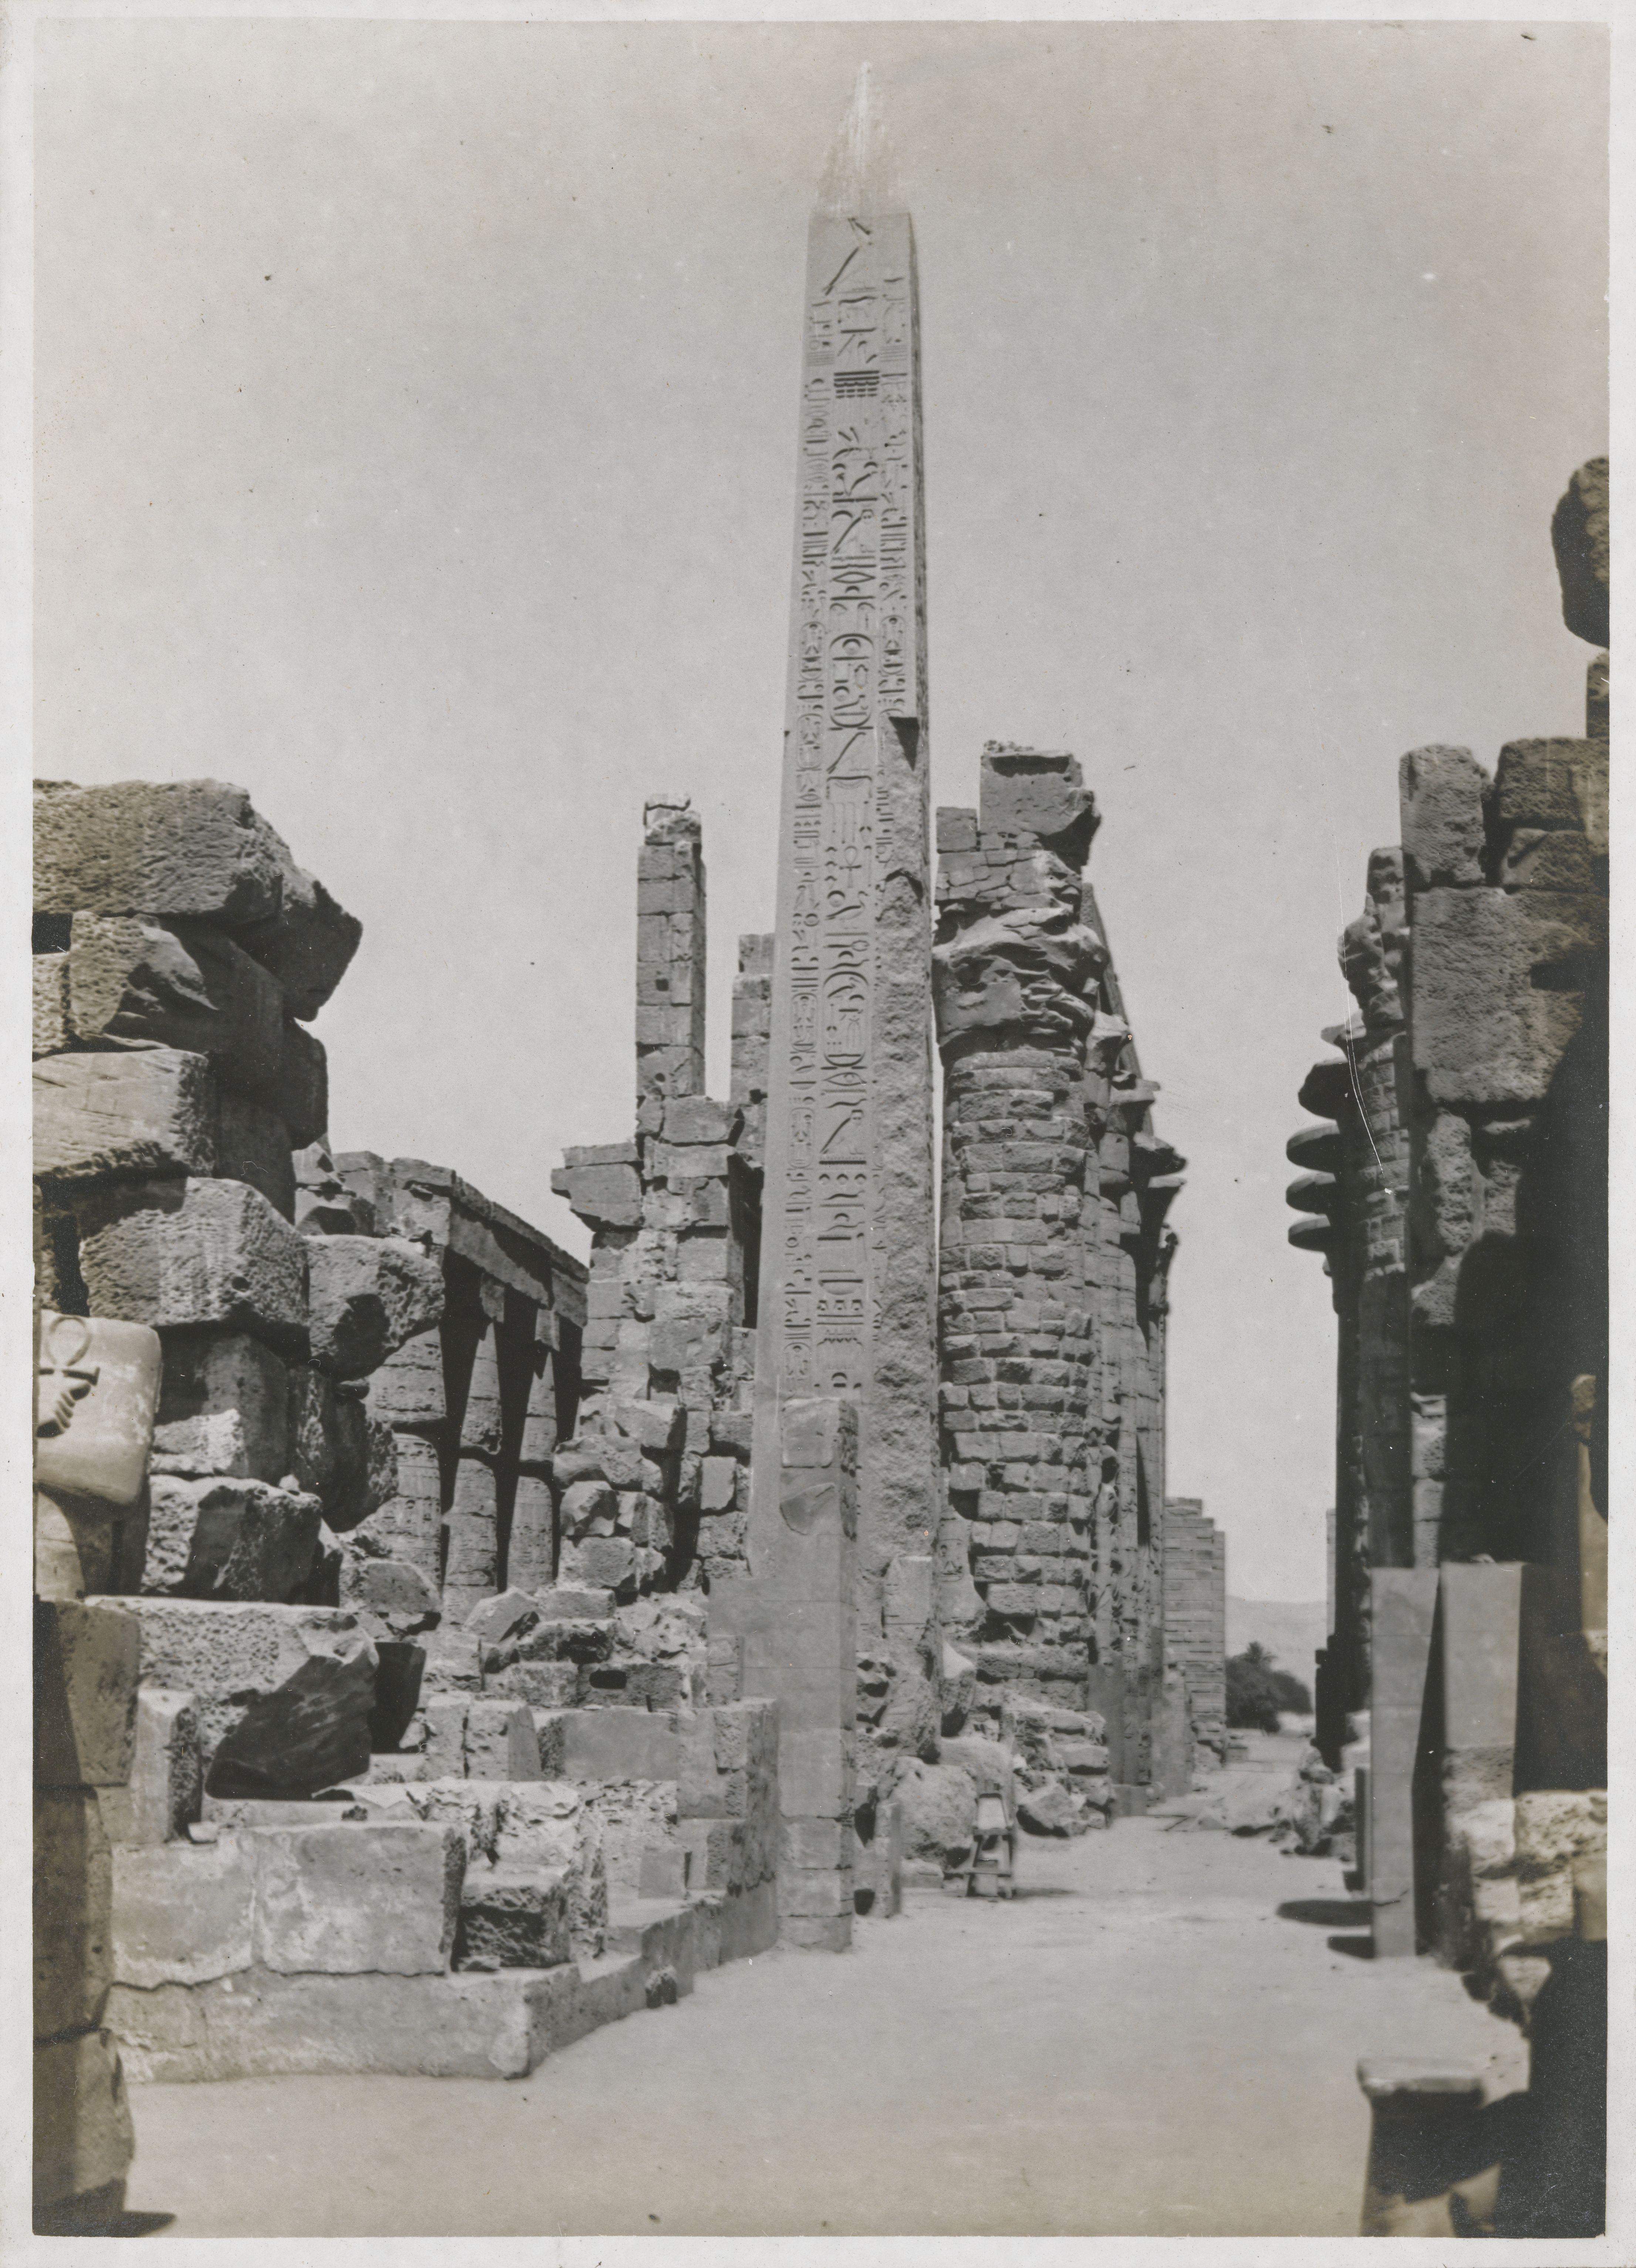 Карнак. Большой храм Амона.  Вид колонного зала от центрального двора. Обелиск из красного гранита высотой 23 м.